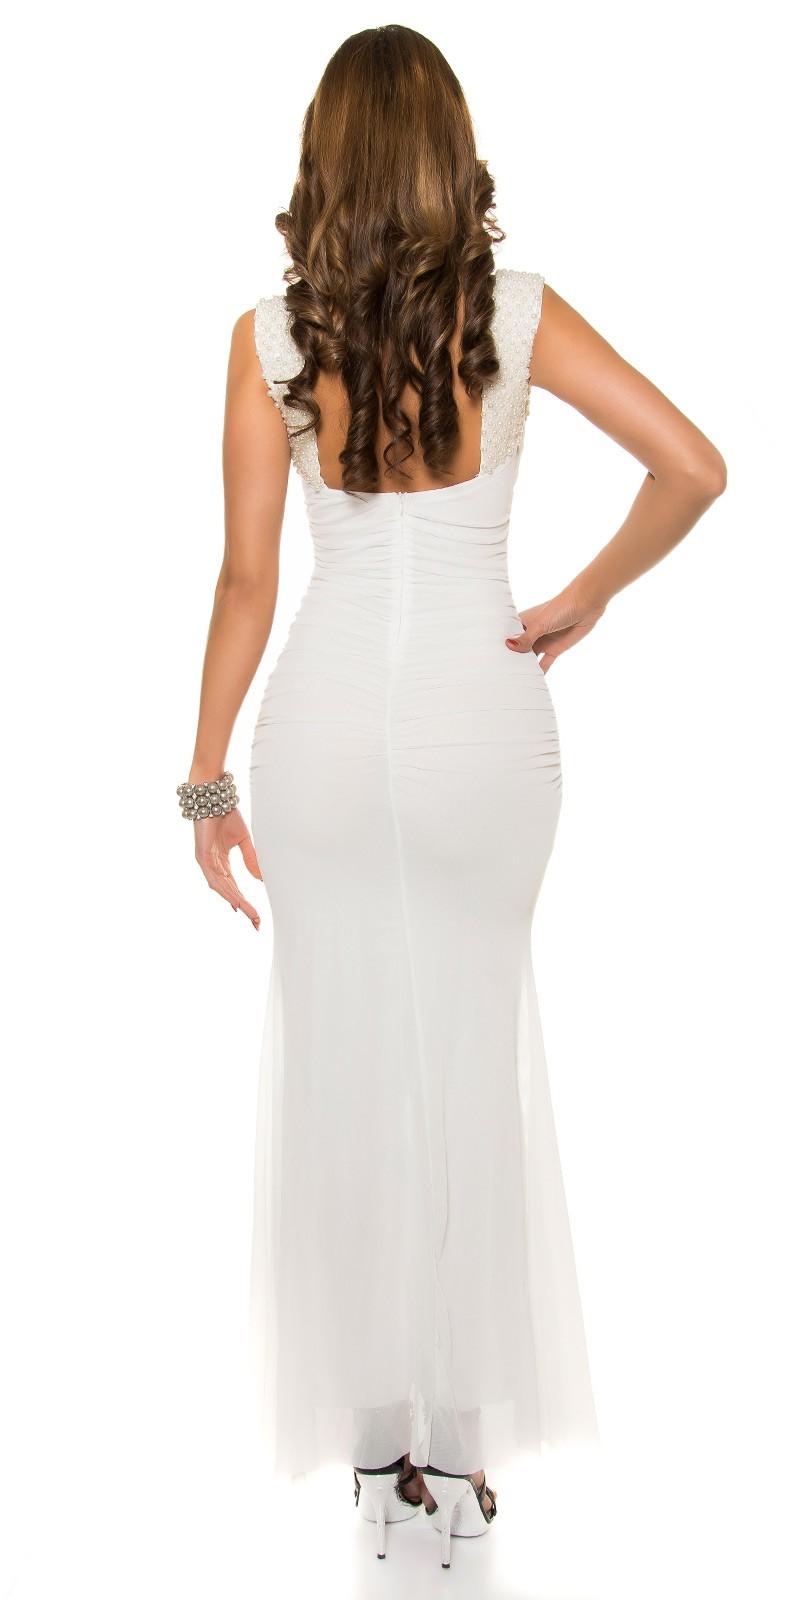 AL031 Abito da cerimonia lungo elegante da matrimonio bianco abito da sera 700579e9391